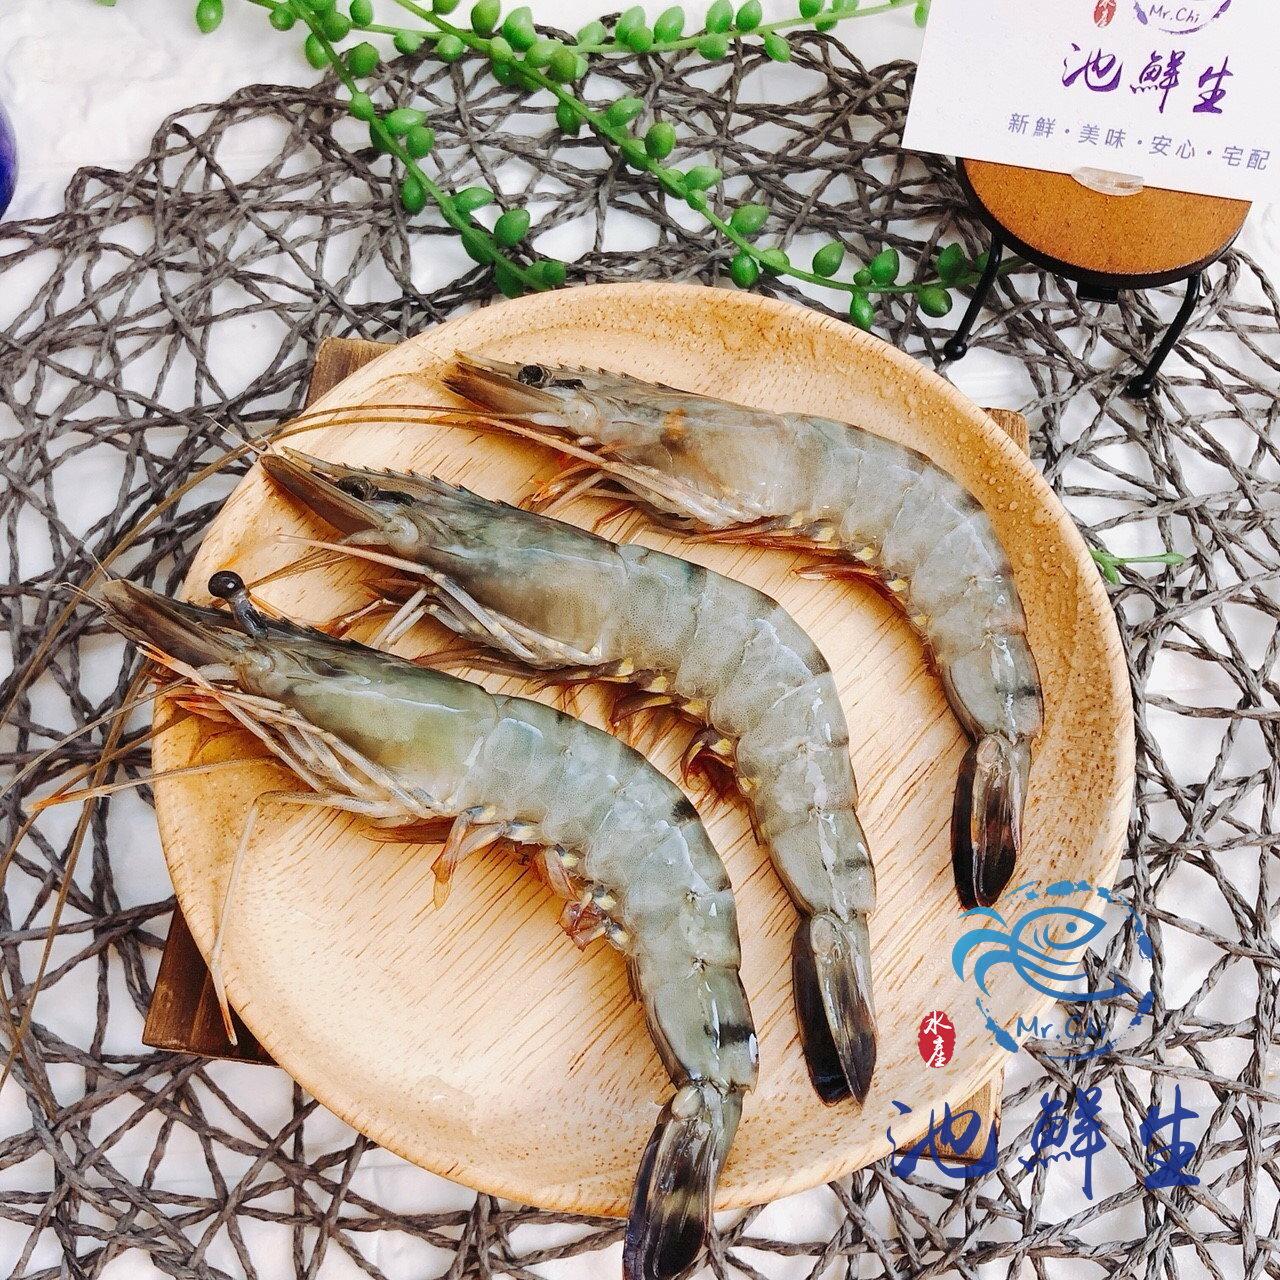 ~池鮮生~特選生凍草蝦 10P  12P  280g±5%  盒